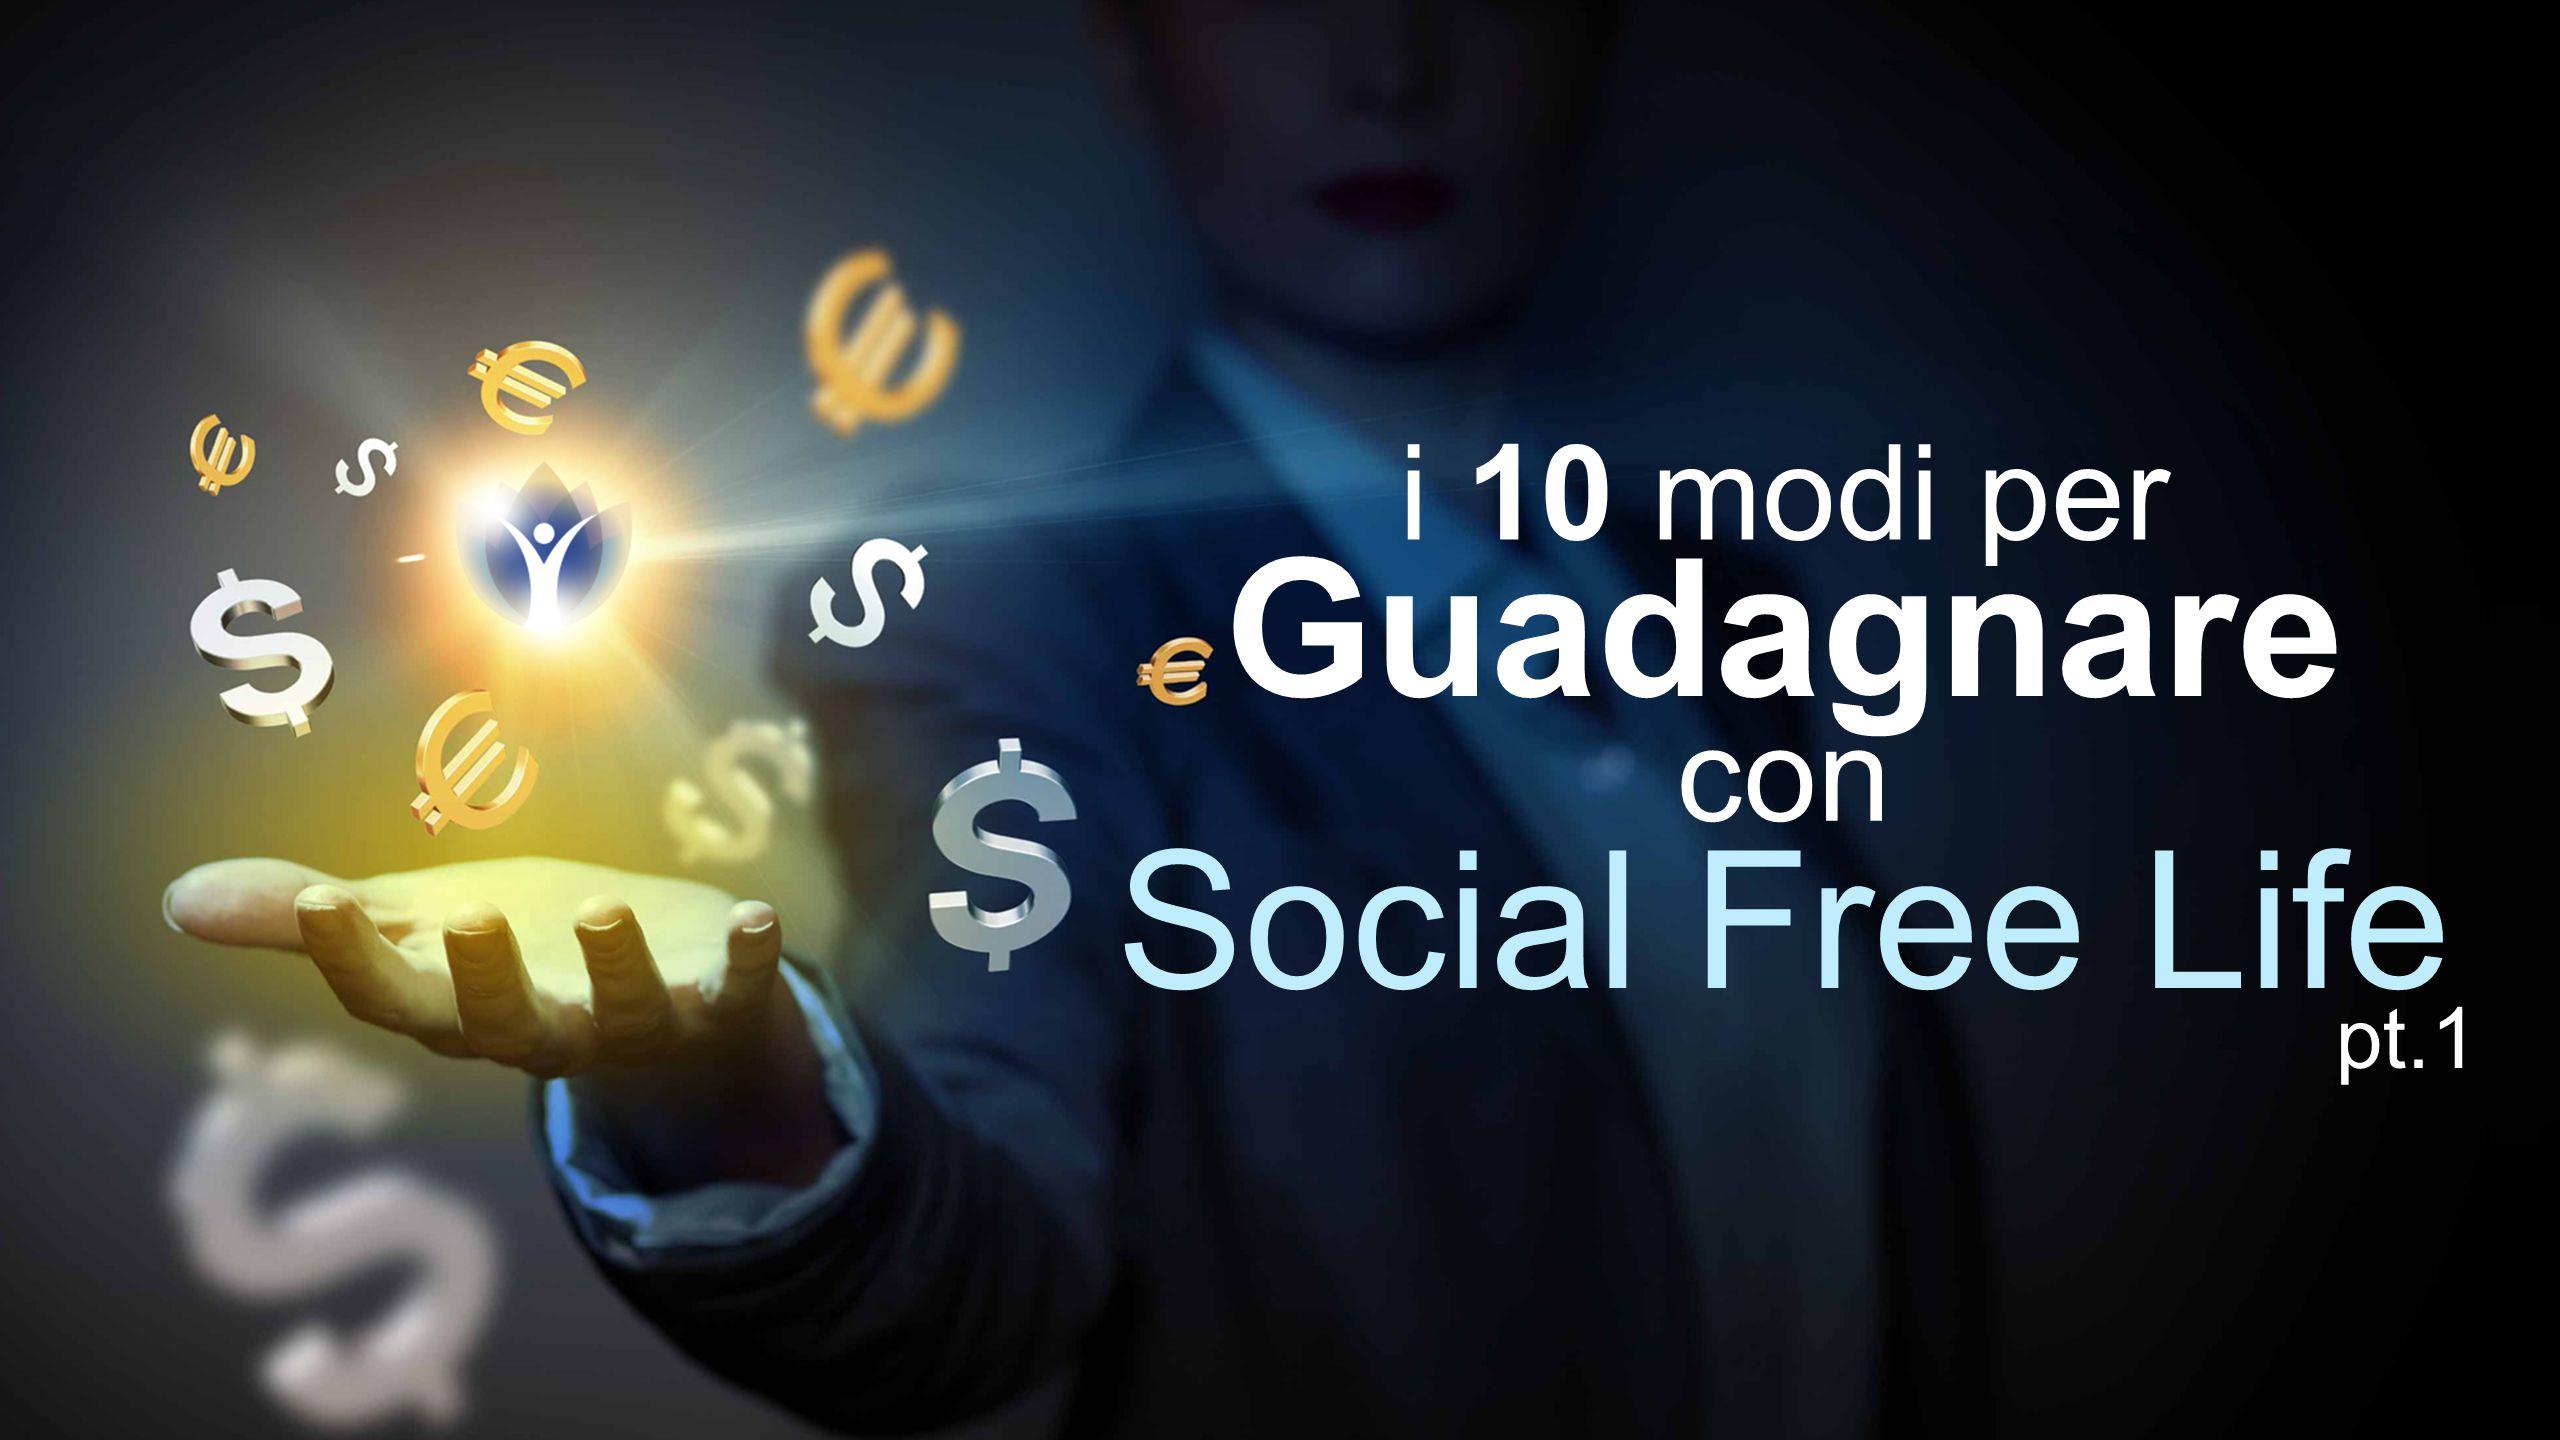 i 10 modi per Guadagnare con Social Free Life pt.1